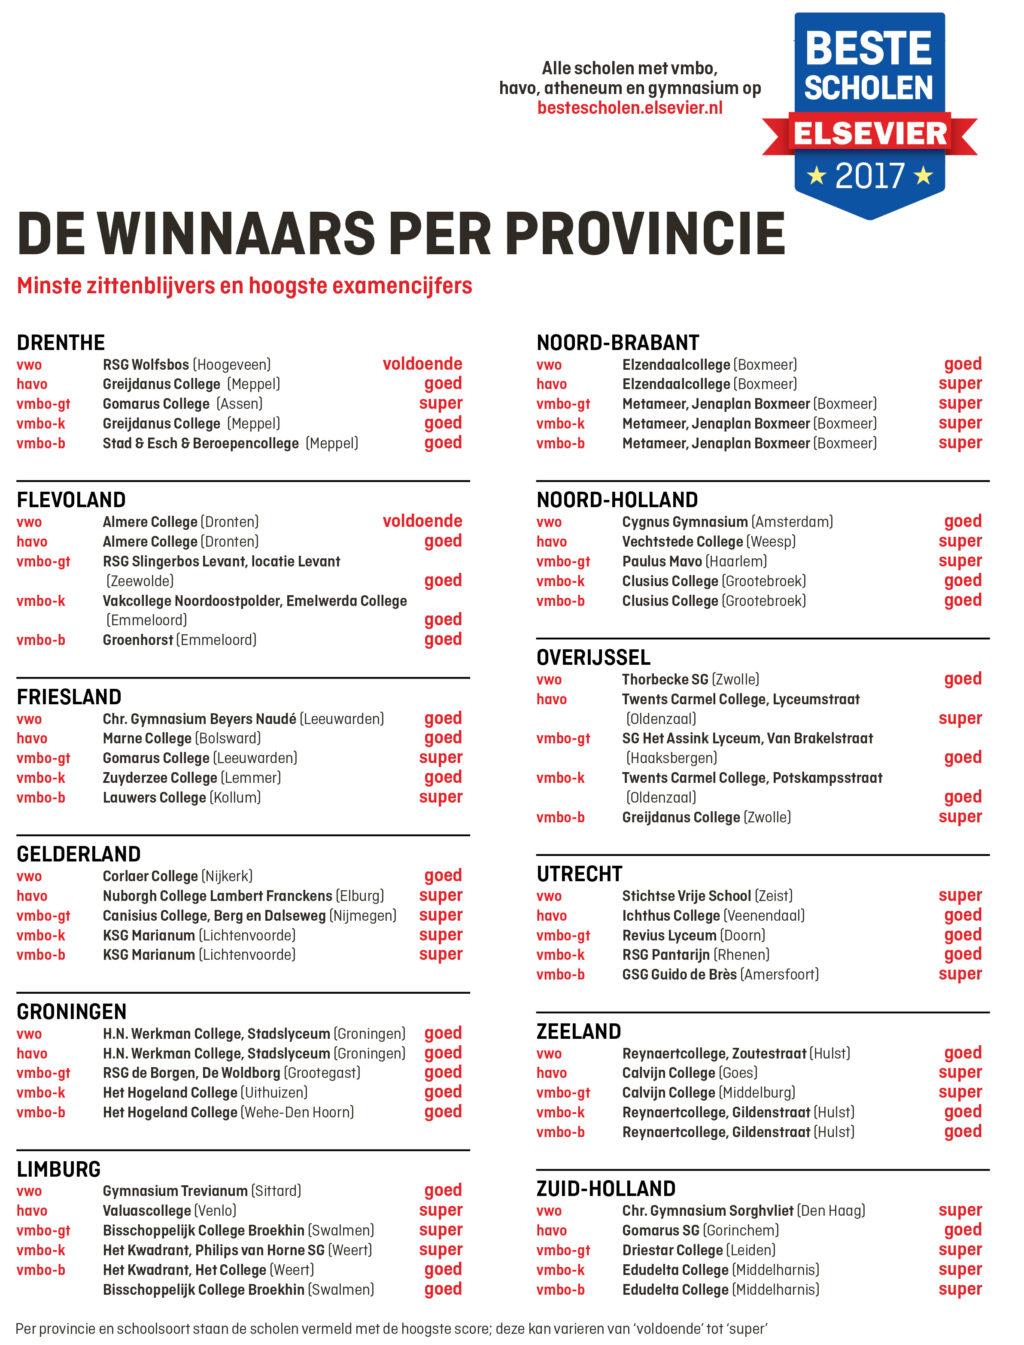 per-provincie